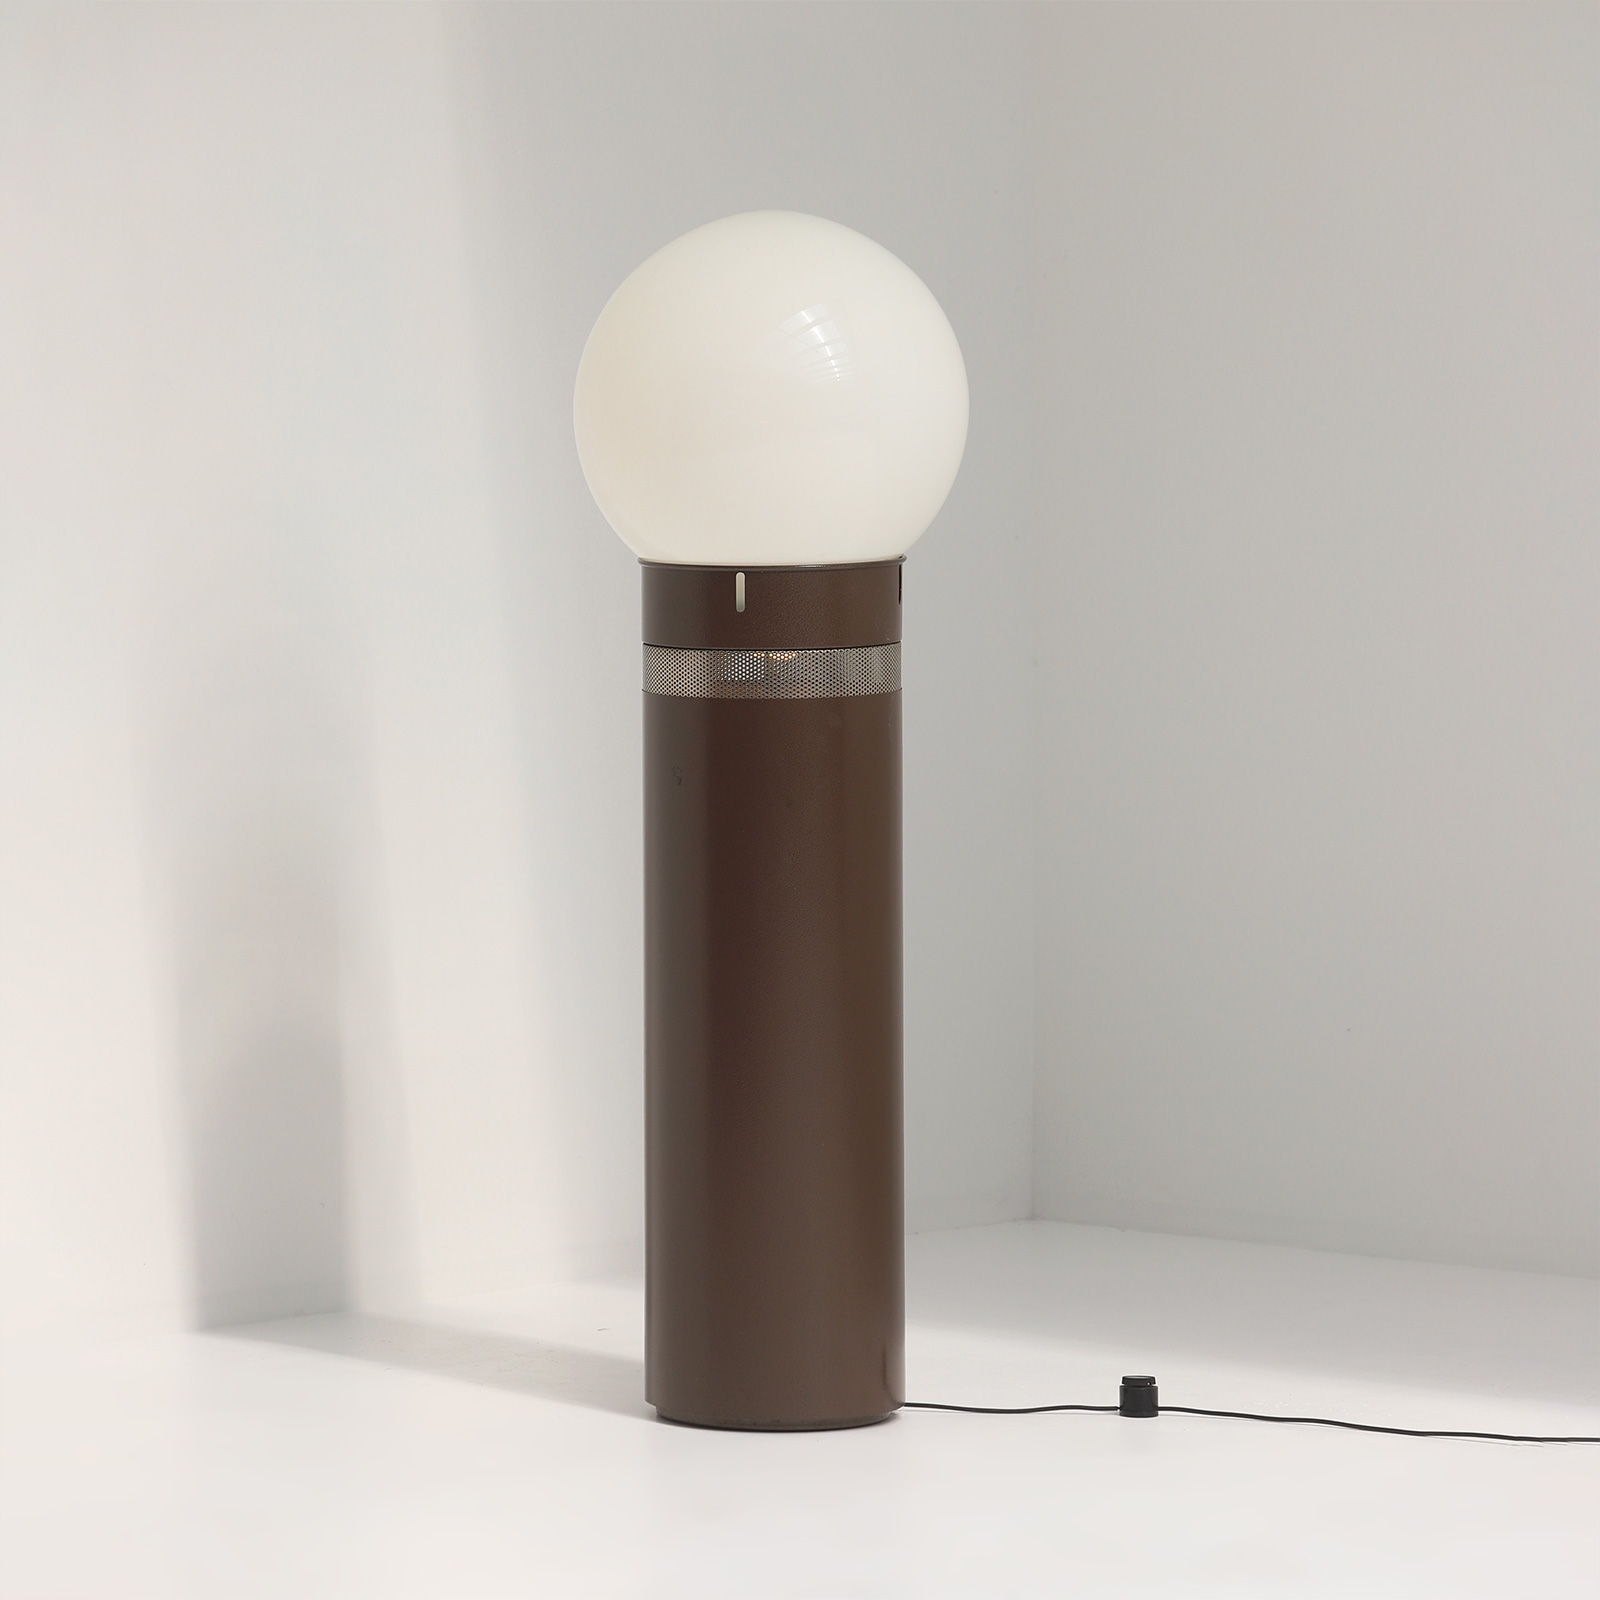 Gae Aulenti Oracle floor lamp for Artemide